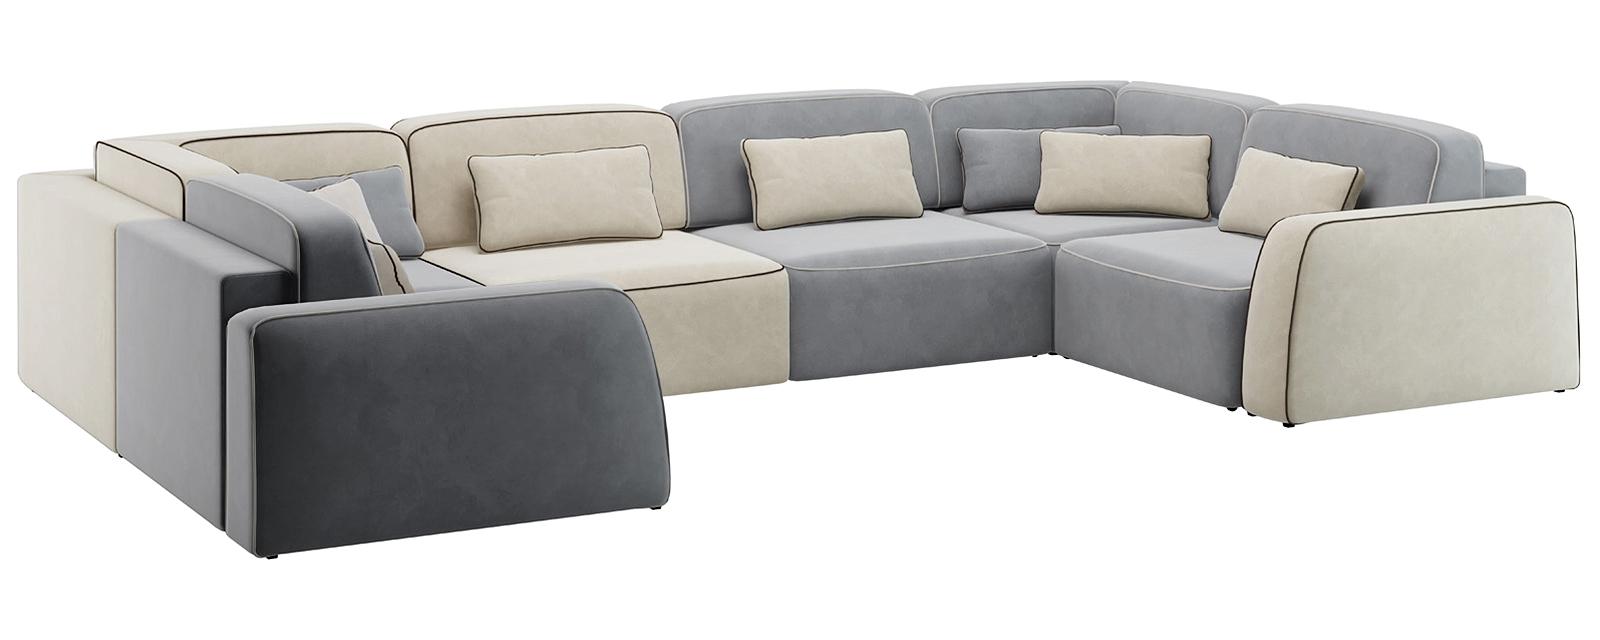 Модульный диван Портленд П-образный Вариант №3 Velutto серый/бежевый (Велюр)